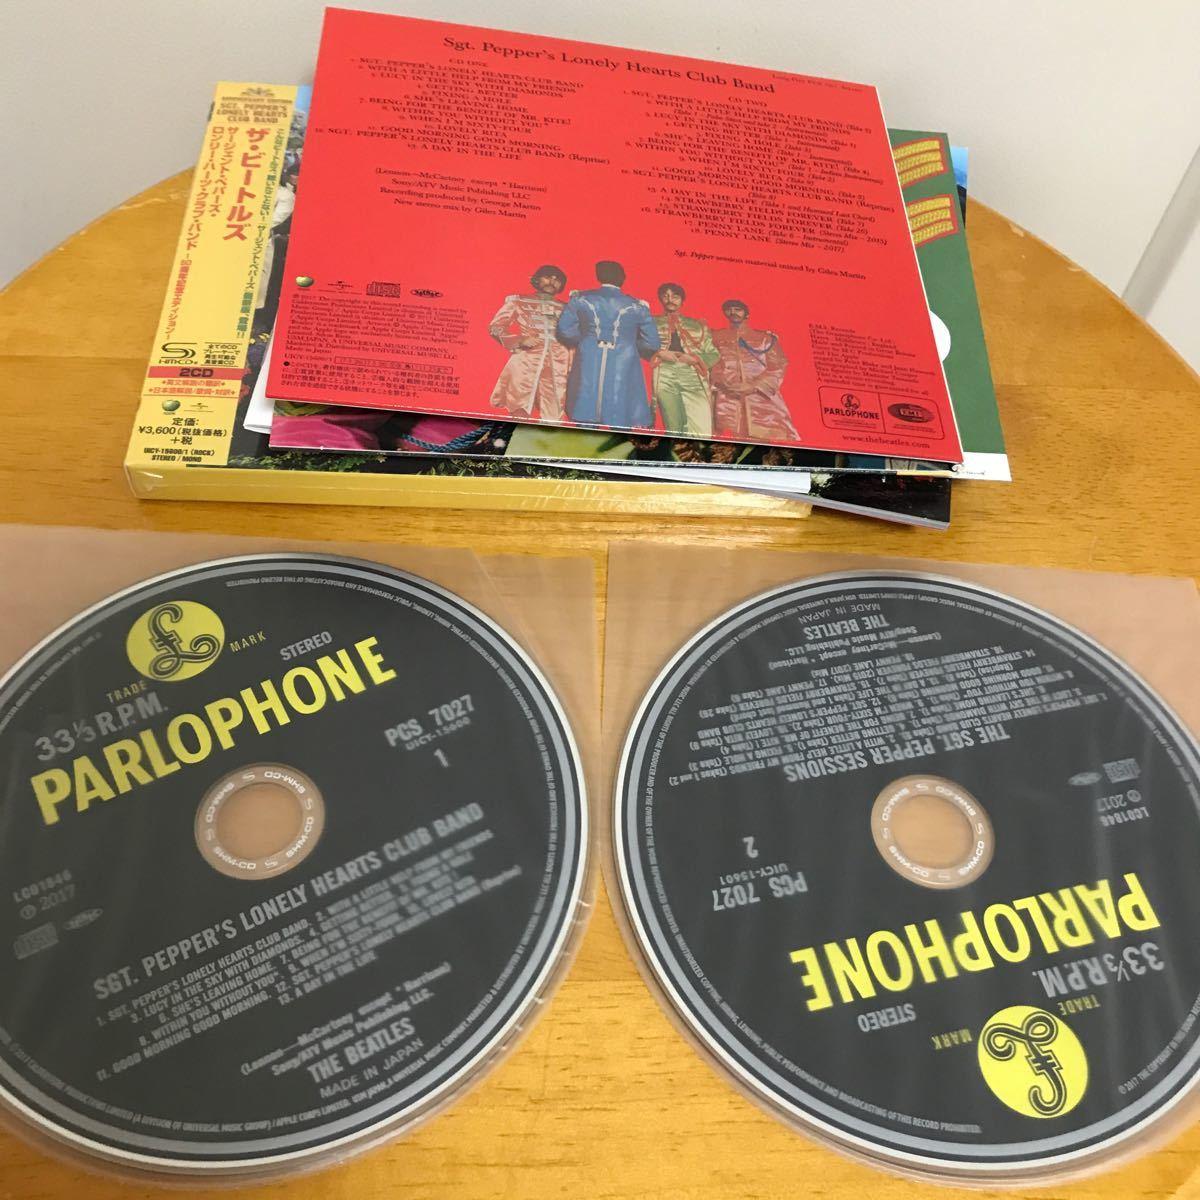 ザ・ビートルズ SHM-CD2枚組/サージェントペパーズロンリーハーツクラブバンド 50周年 THE BEATLES